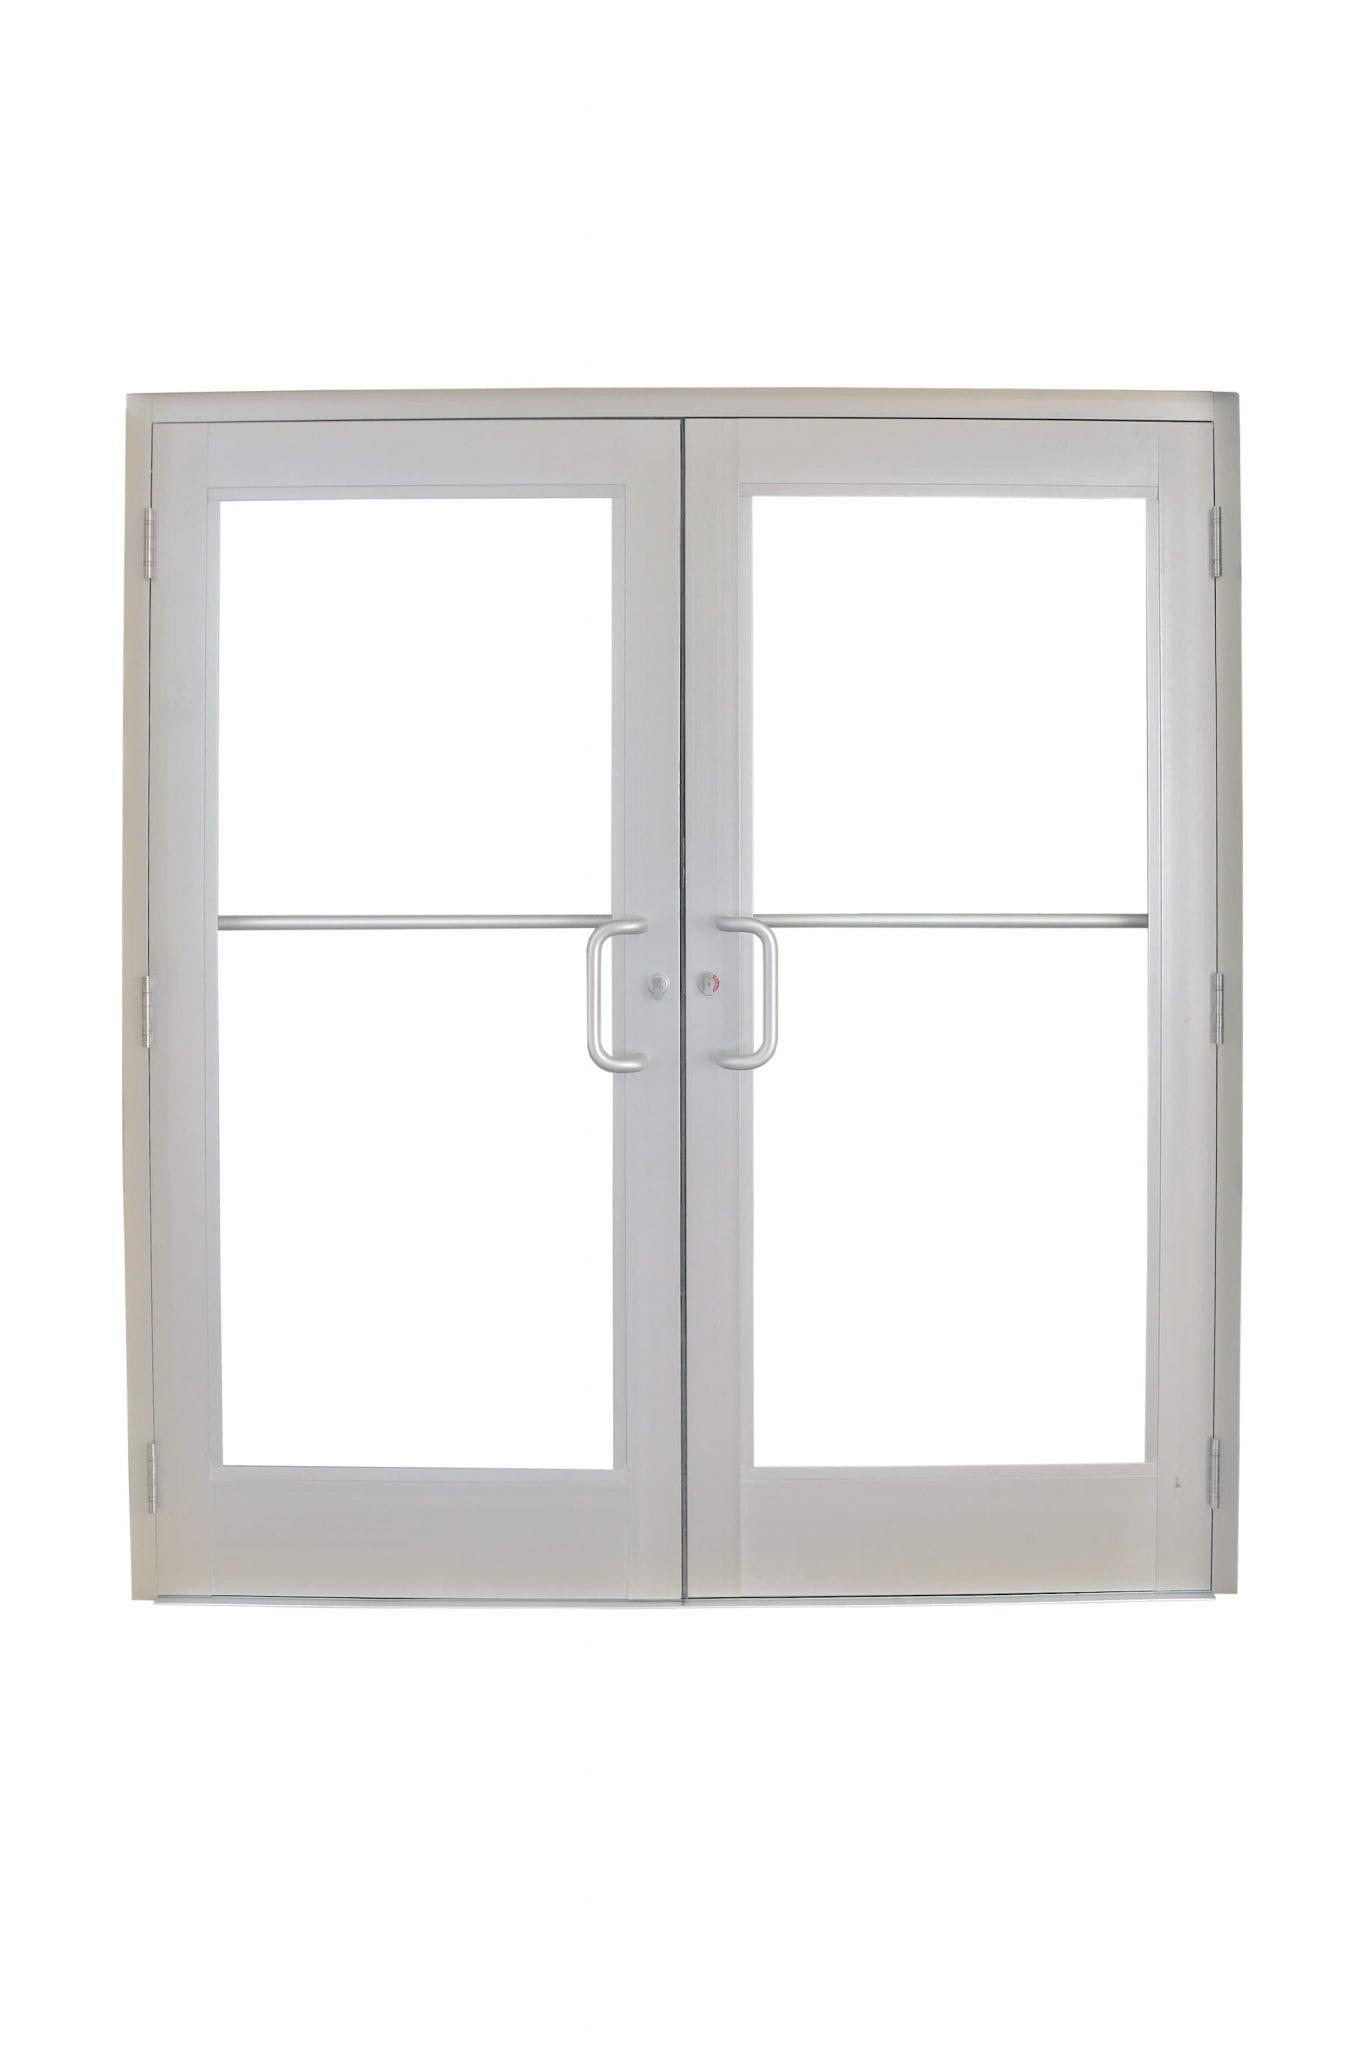 Exterior Glass Office Door - Commercial entry doors storefront_entry_doors